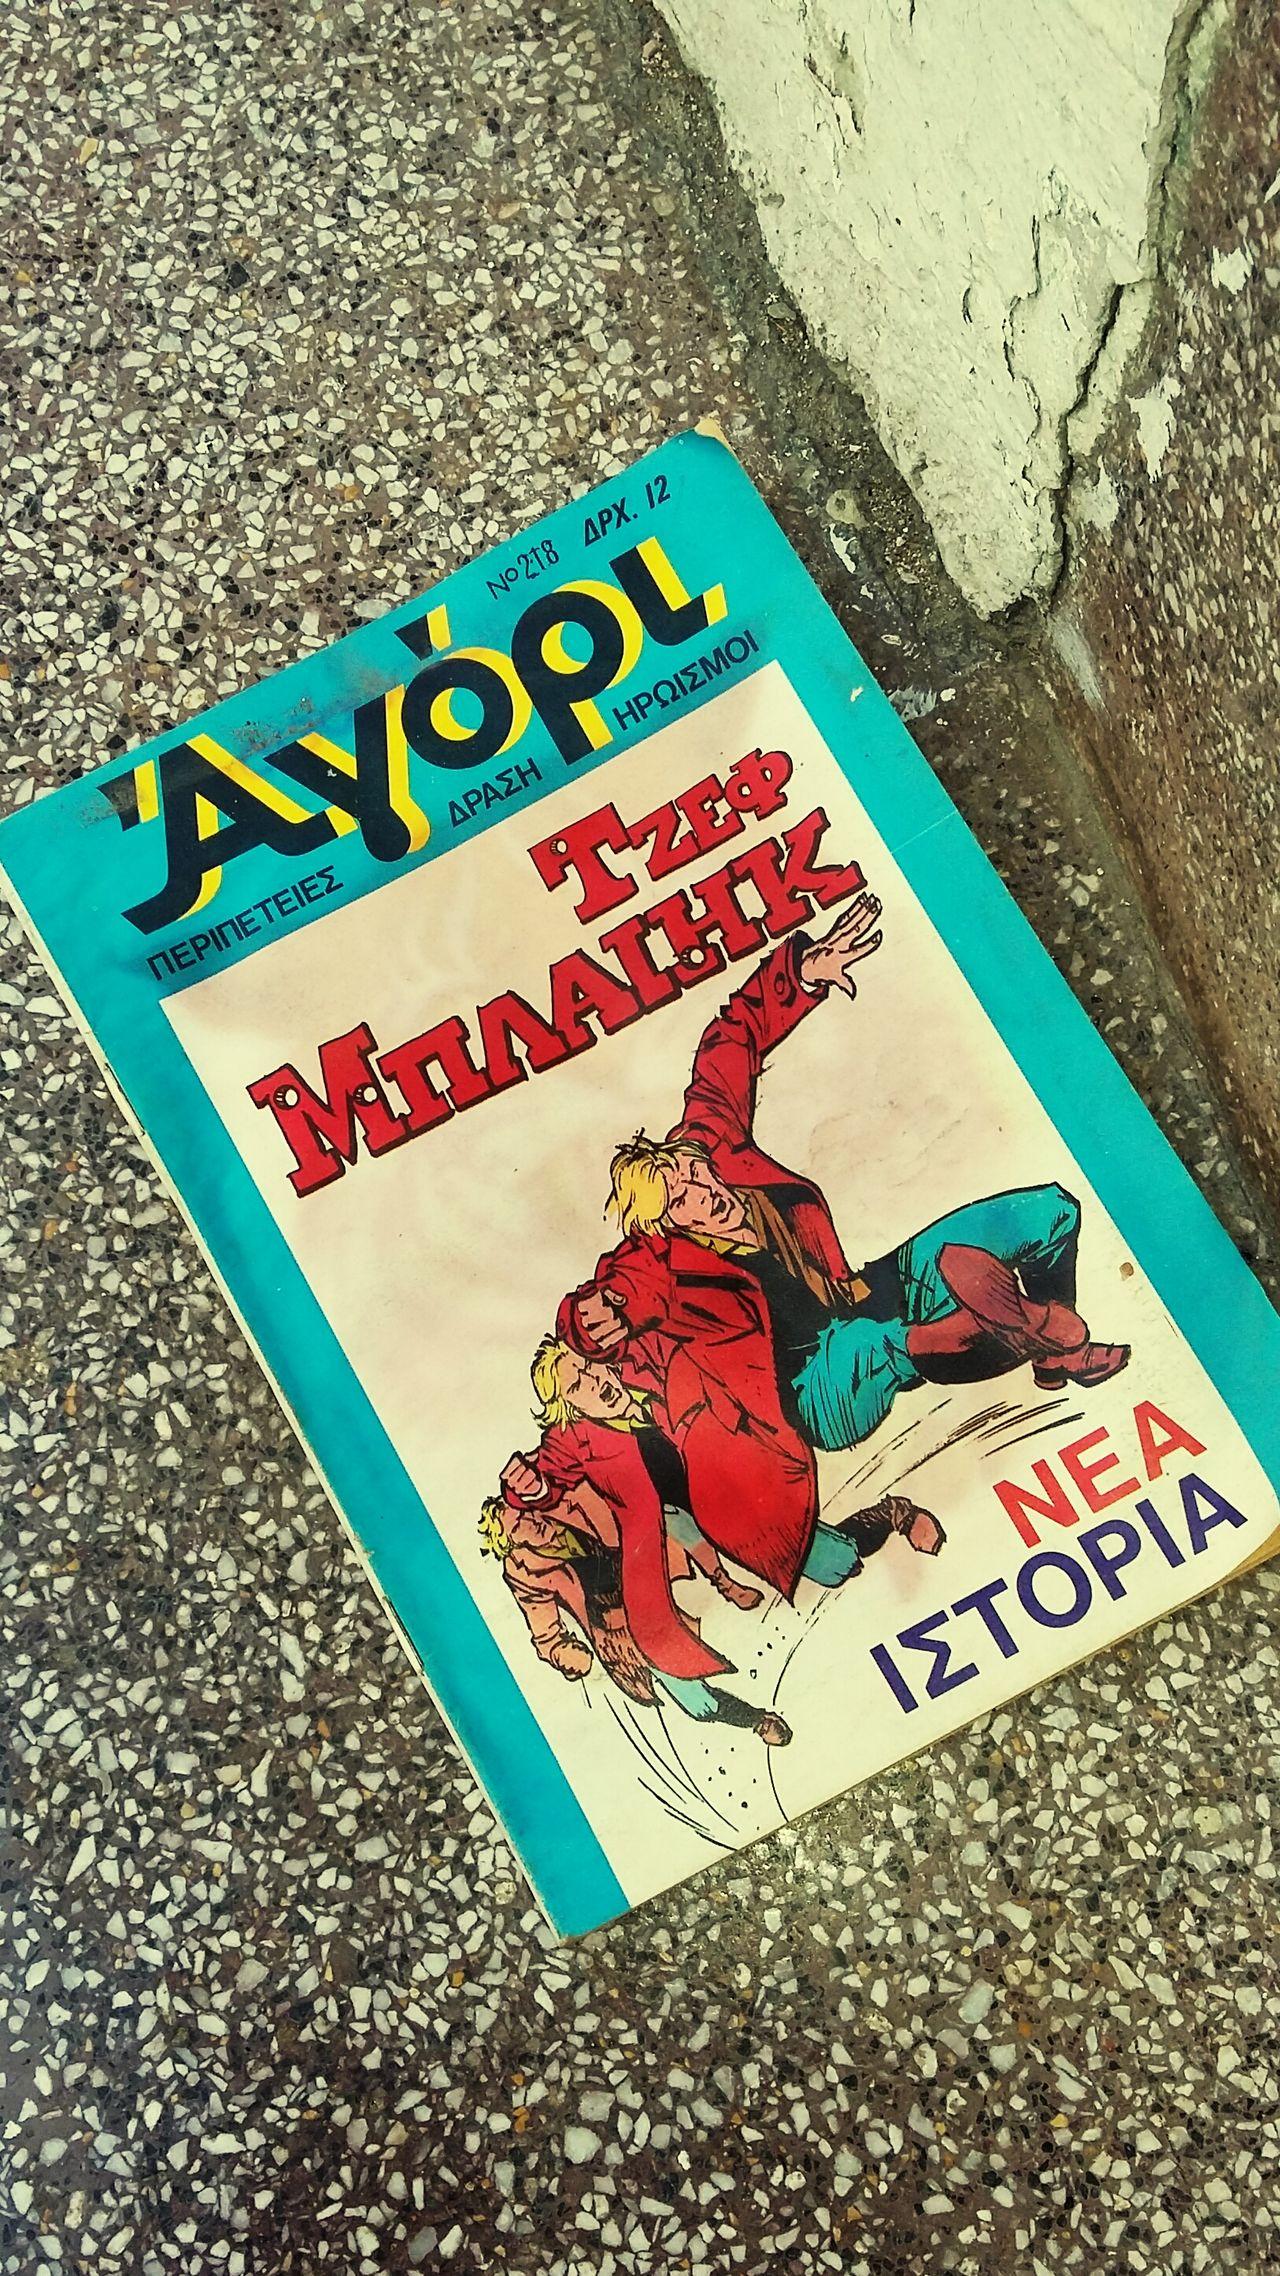 Αγόρι Magazine Ελλάδα των παιδικων μου χρονων αντίπαλο του Μπλεκ 80's πληρωμη σε δραχμές. .... Magazine For Children Aλλη εποχη Streetphotography Nea Istoria